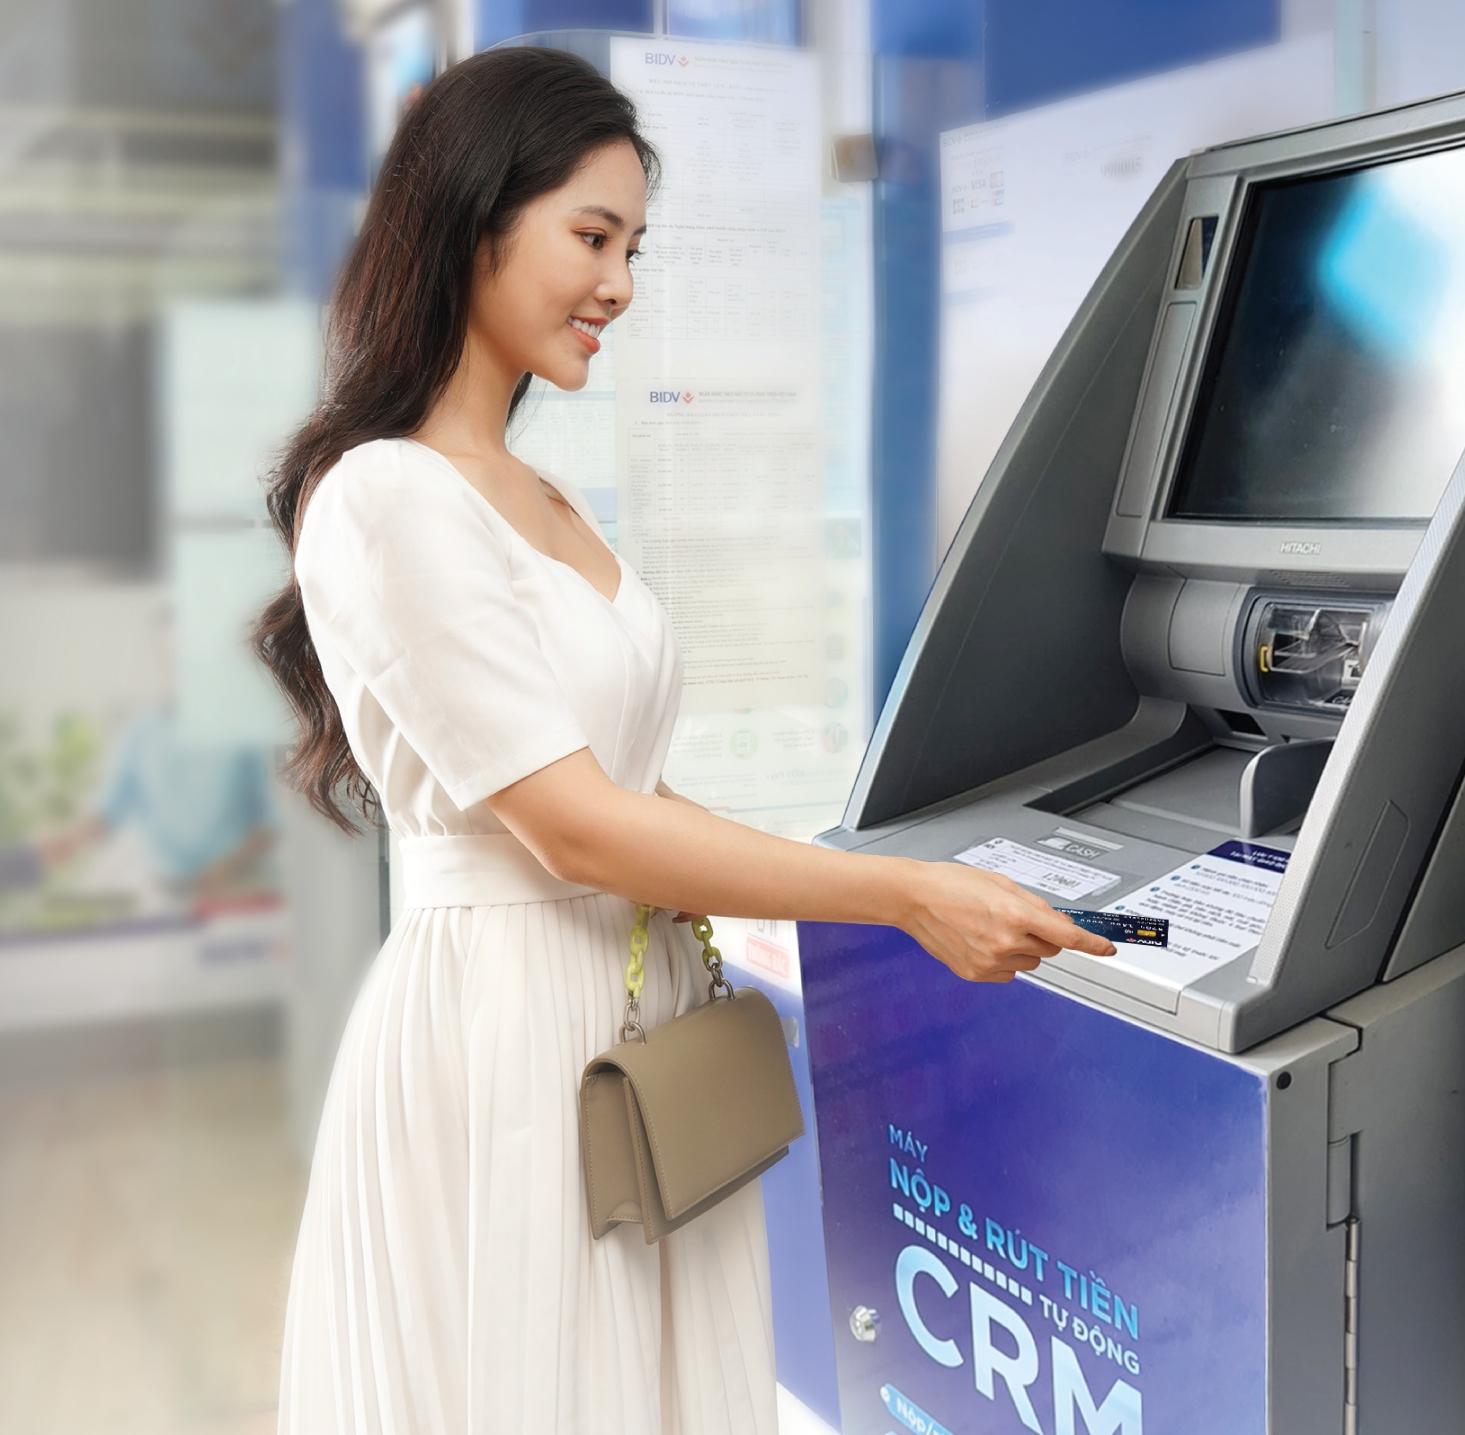 """BIDV """"chơi trội"""" về công nghệ: Triển khai hệ thống CRM - Máy nộp và rút tiền tự động với nhiều tiện ích"""